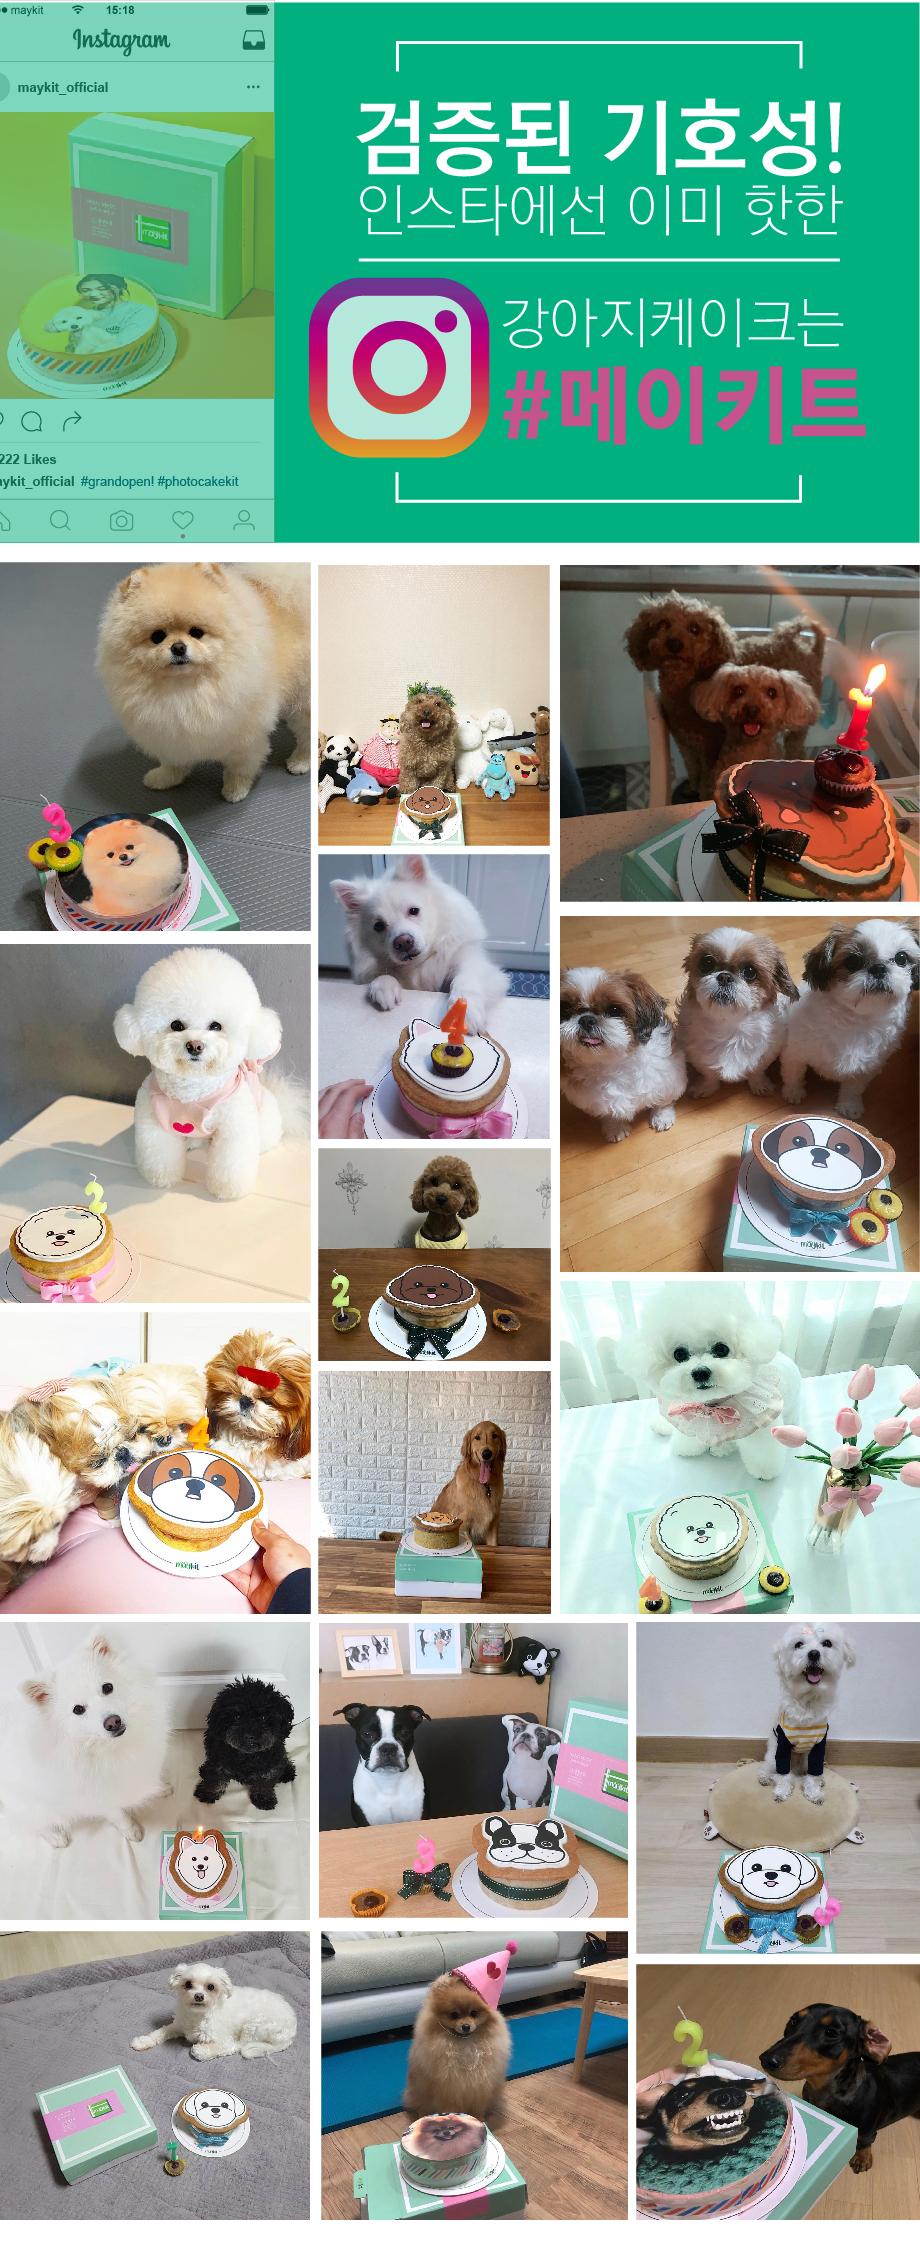 강아지 모양 케이크 비숑프리제 SHAPE CAKE KIT16,900원-메이키트펫샵, 강아지용품, 간식/영양제, 수제간식바보사랑강아지 모양 케이크 비숑프리제 SHAPE CAKE KIT16,900원-메이키트펫샵, 강아지용품, 간식/영양제, 수제간식바보사랑